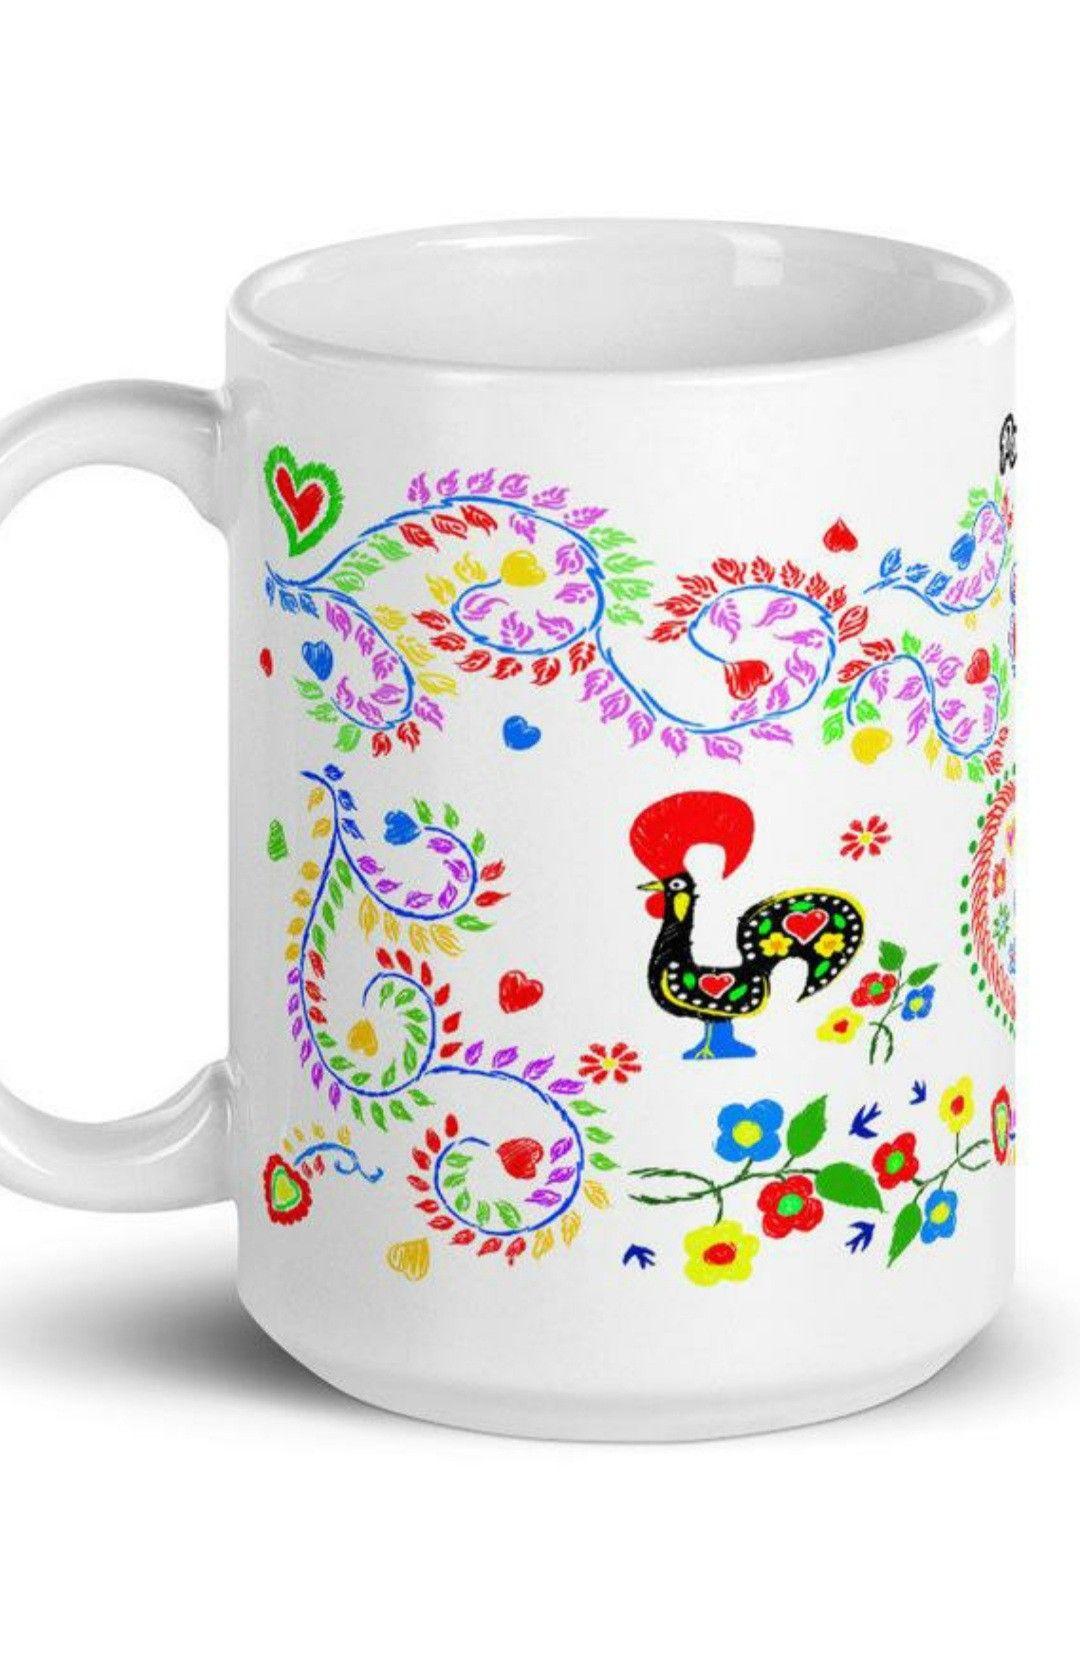 Bordados De Flores Mug Etsy New Product November Sign